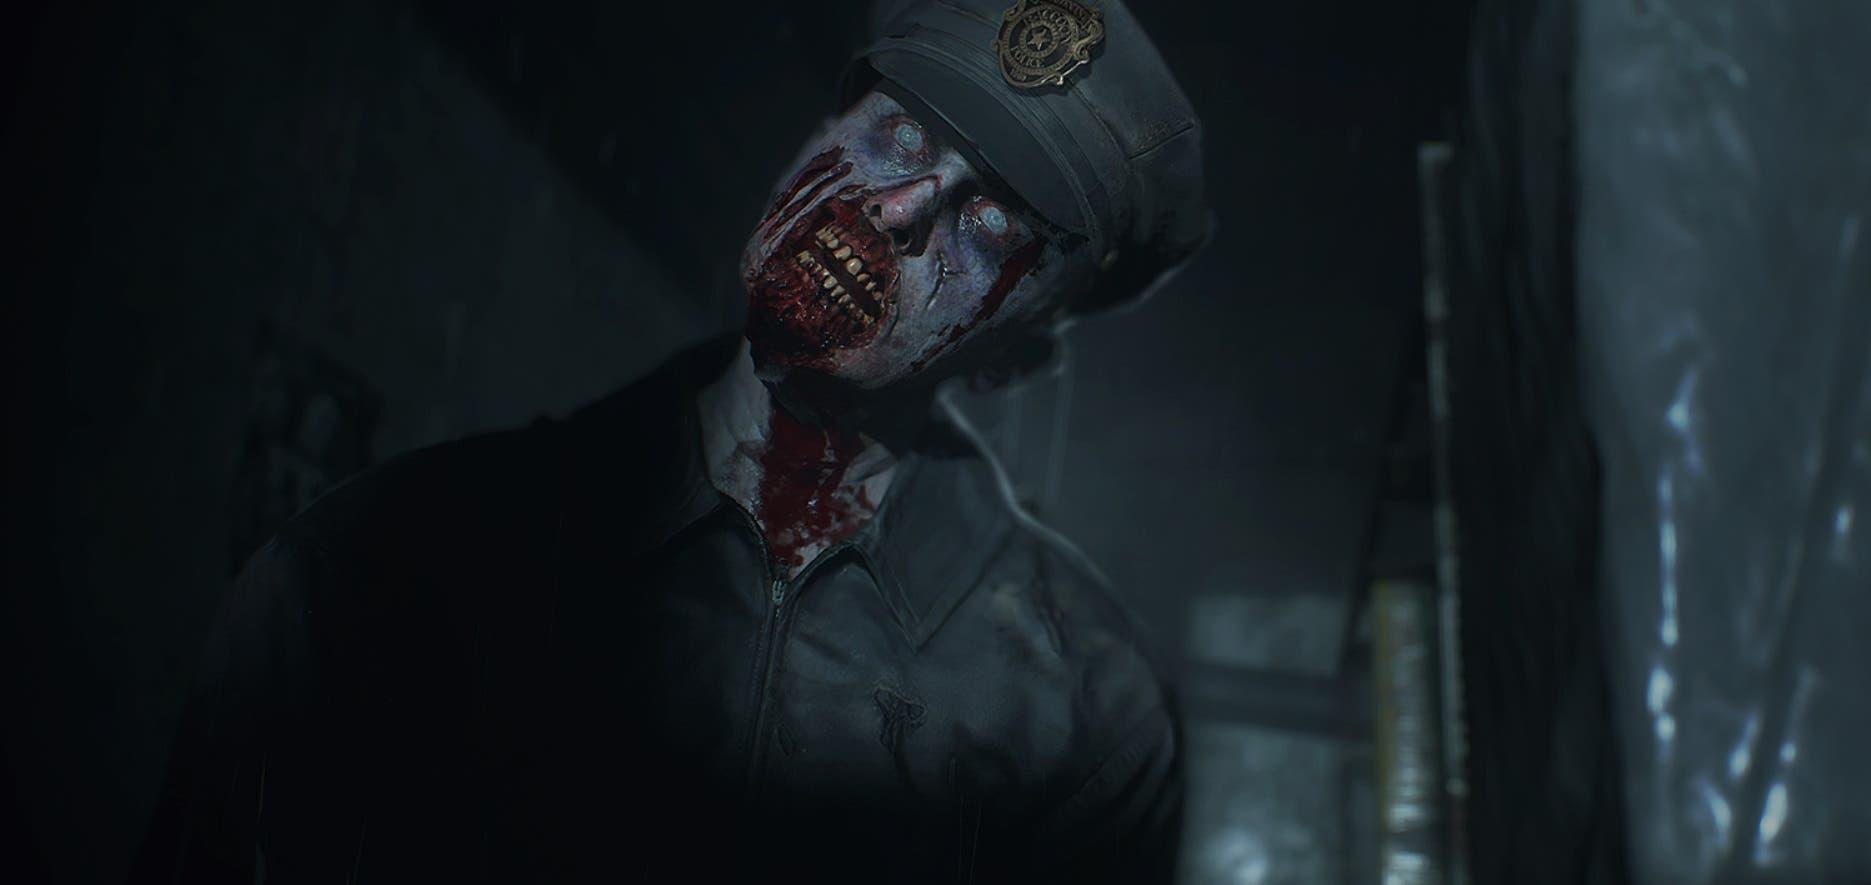 Las 5 claves de Resident Evil 2 que os enamorarán 3